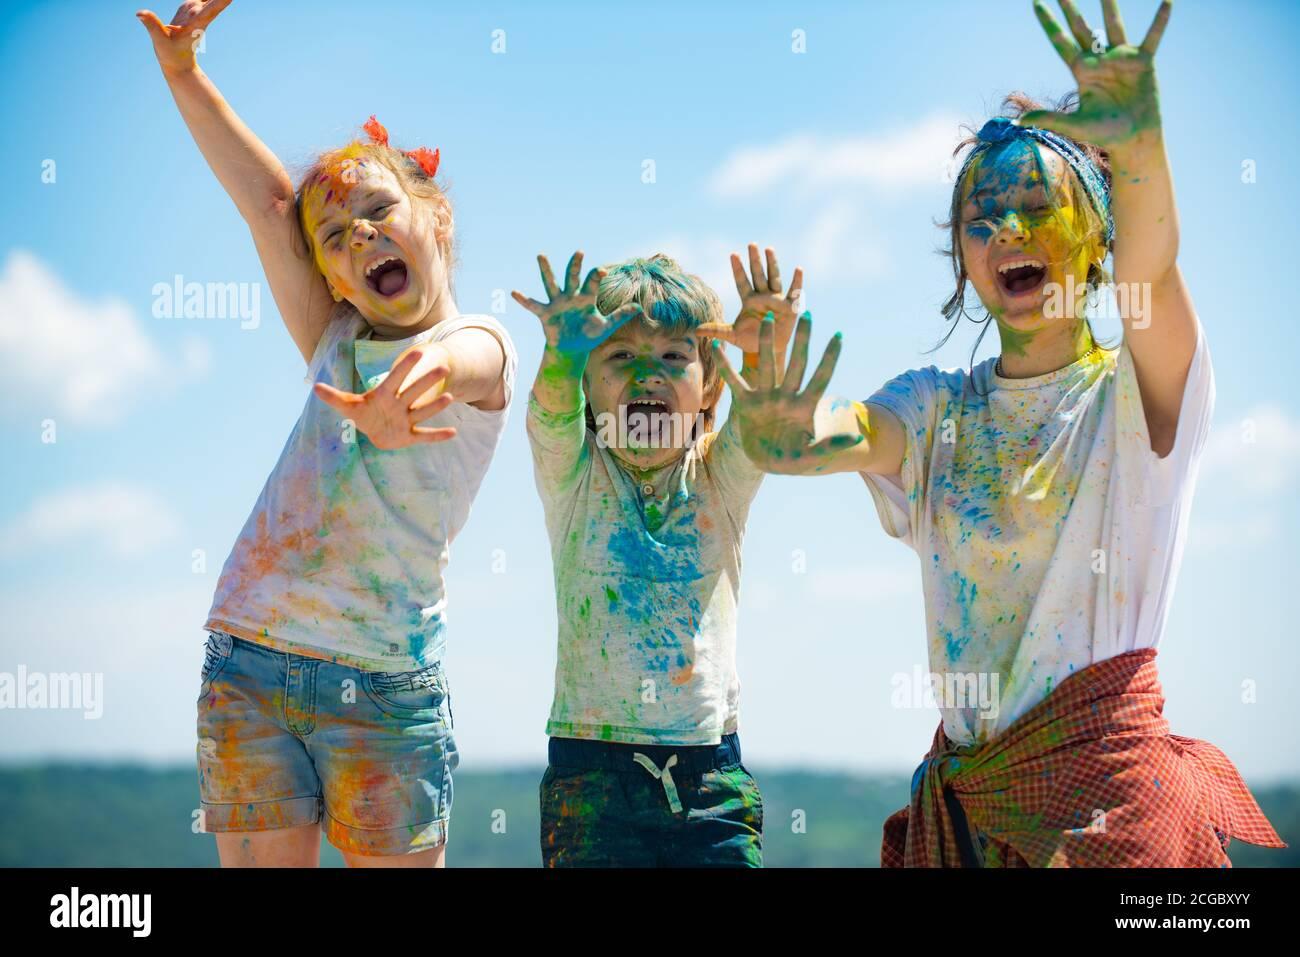 Retrato de un hermoso niño mostrando coloridas manos. Feliz infancia. Emotivo alegre niños emocionados. Foto de stock